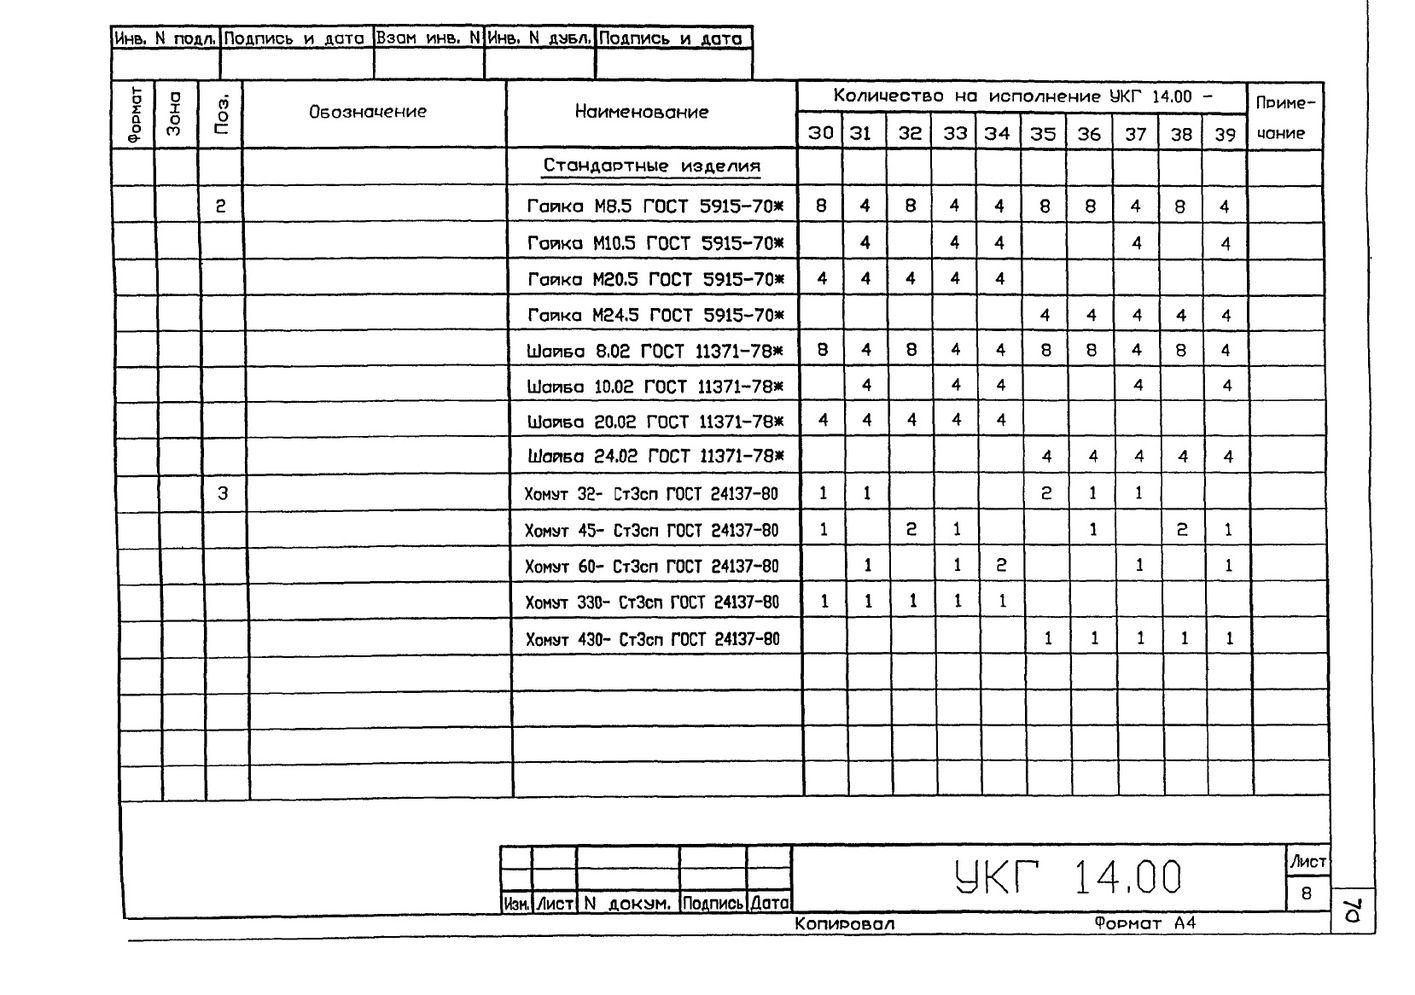 Крепление 2х (двух) вспомогательных газопроводов к основному УКГ 14.00 СБ серия 5.905-18.05 выпуск 1 стр.11